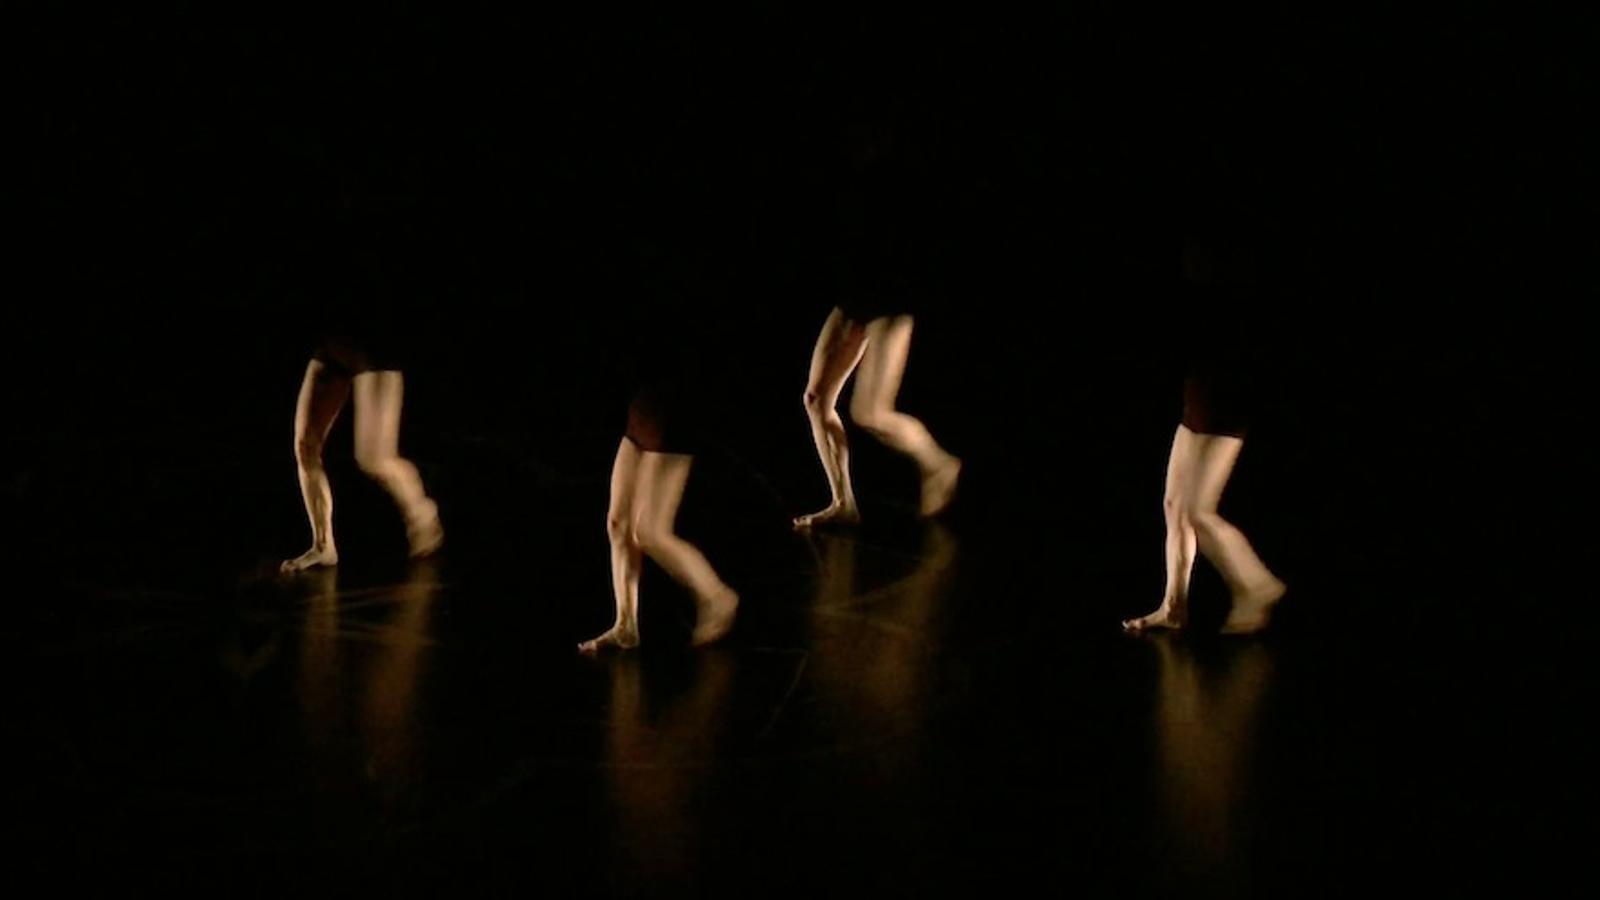 'Octopus', espectacle de Philippe Decouflé al TNC